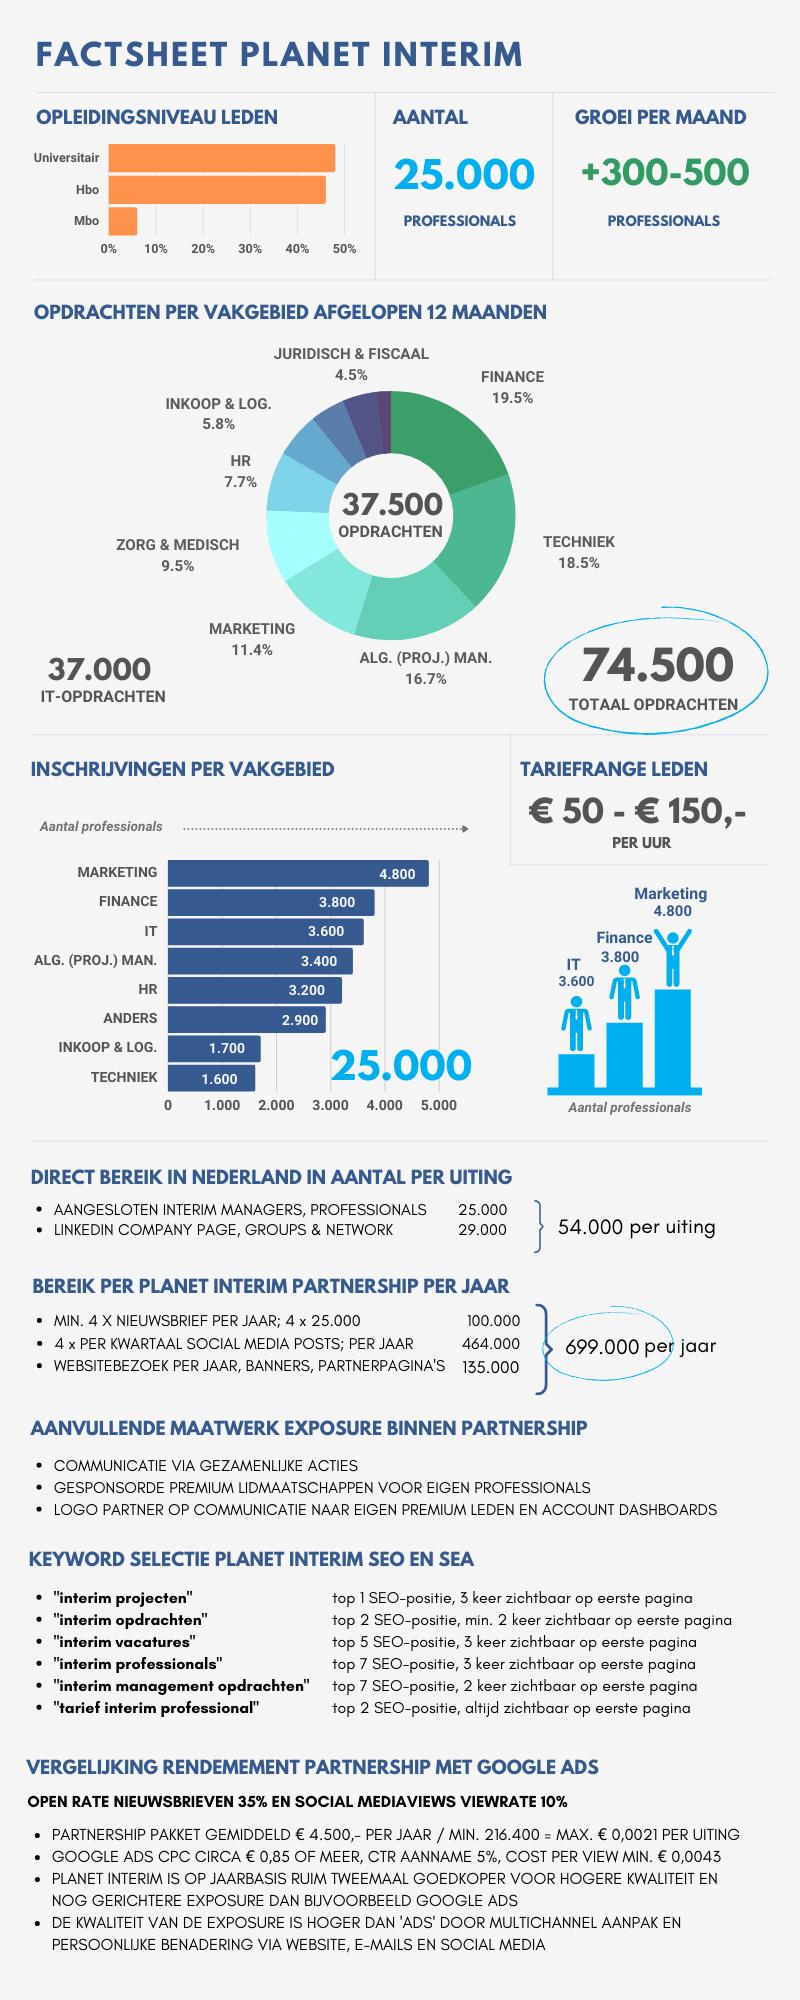 Planet Interim Factsheet Partnership